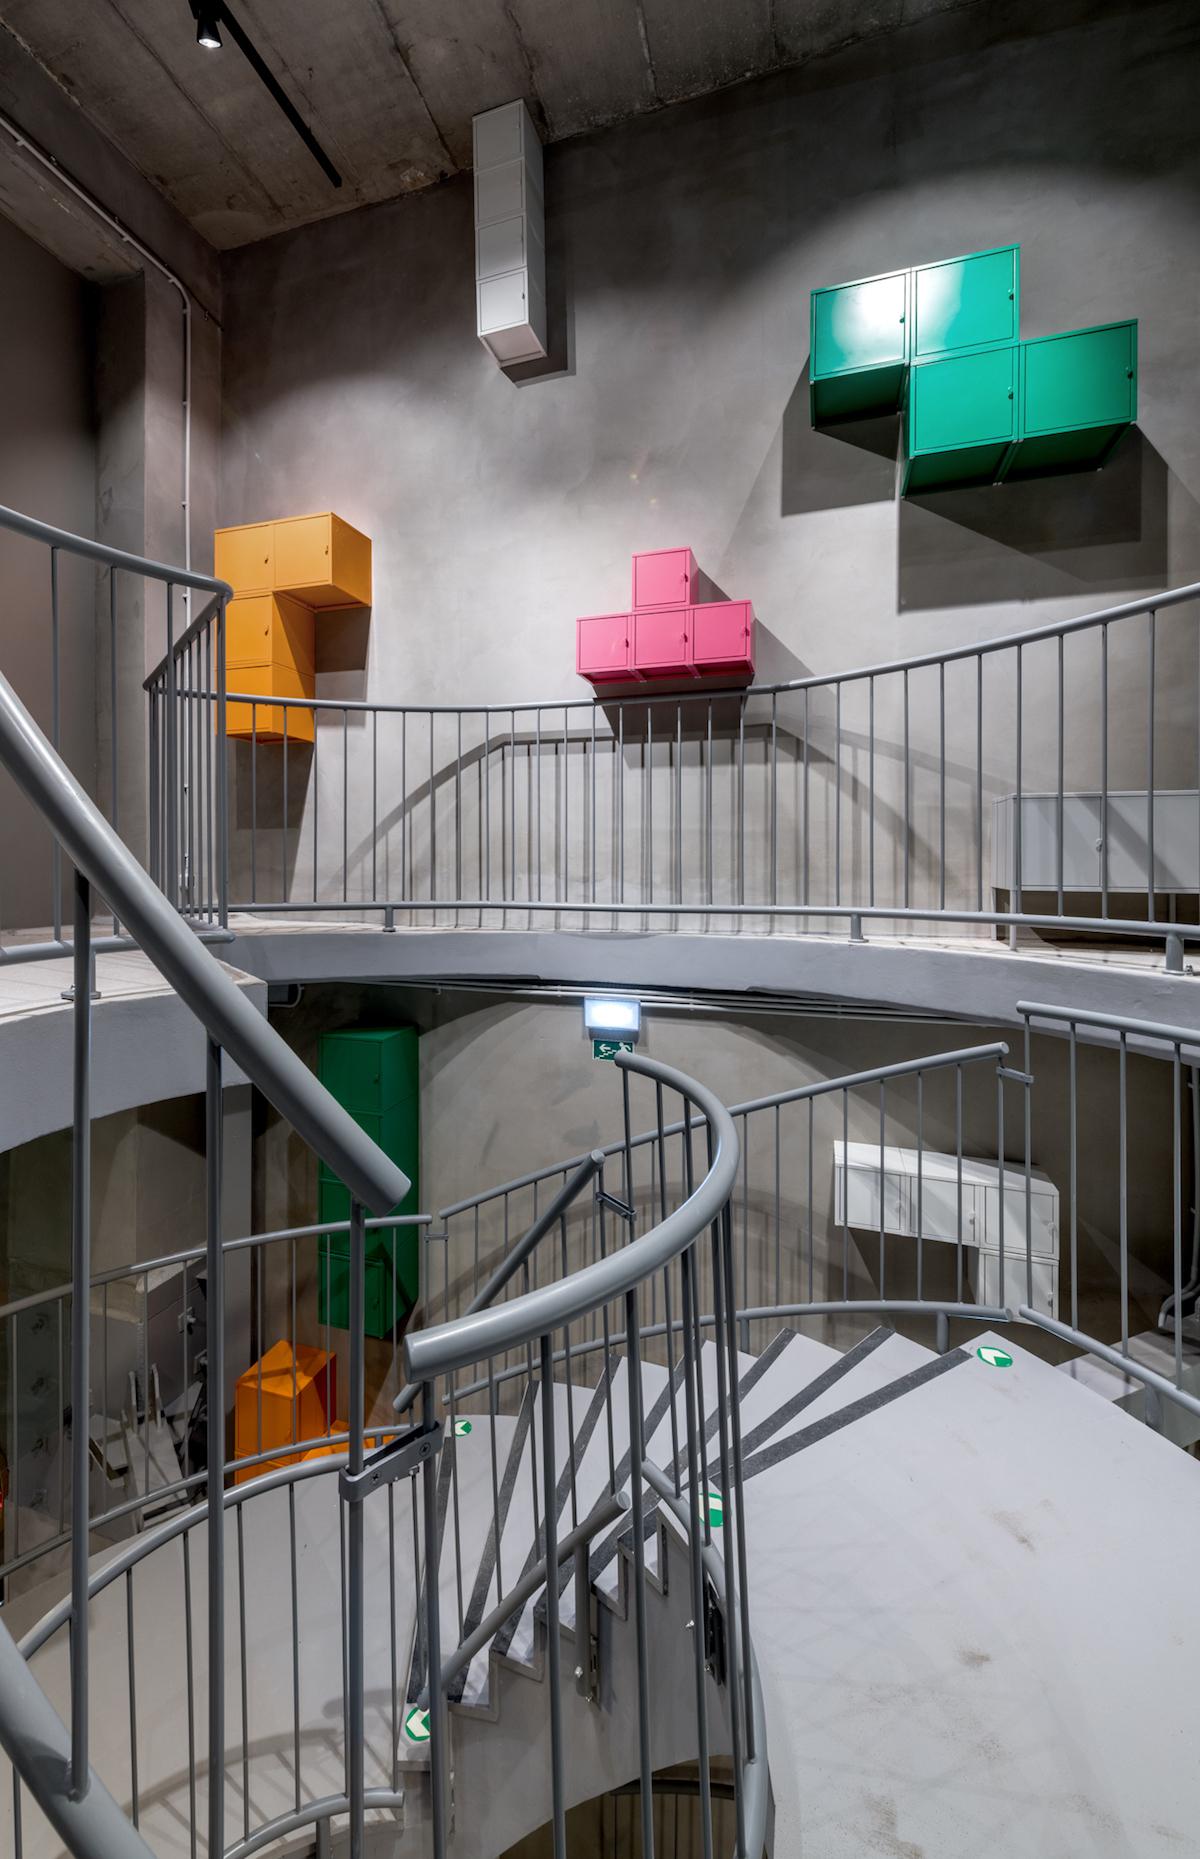 Koncept Ikea Point má dvě podlaží spojené točitým schodištěm